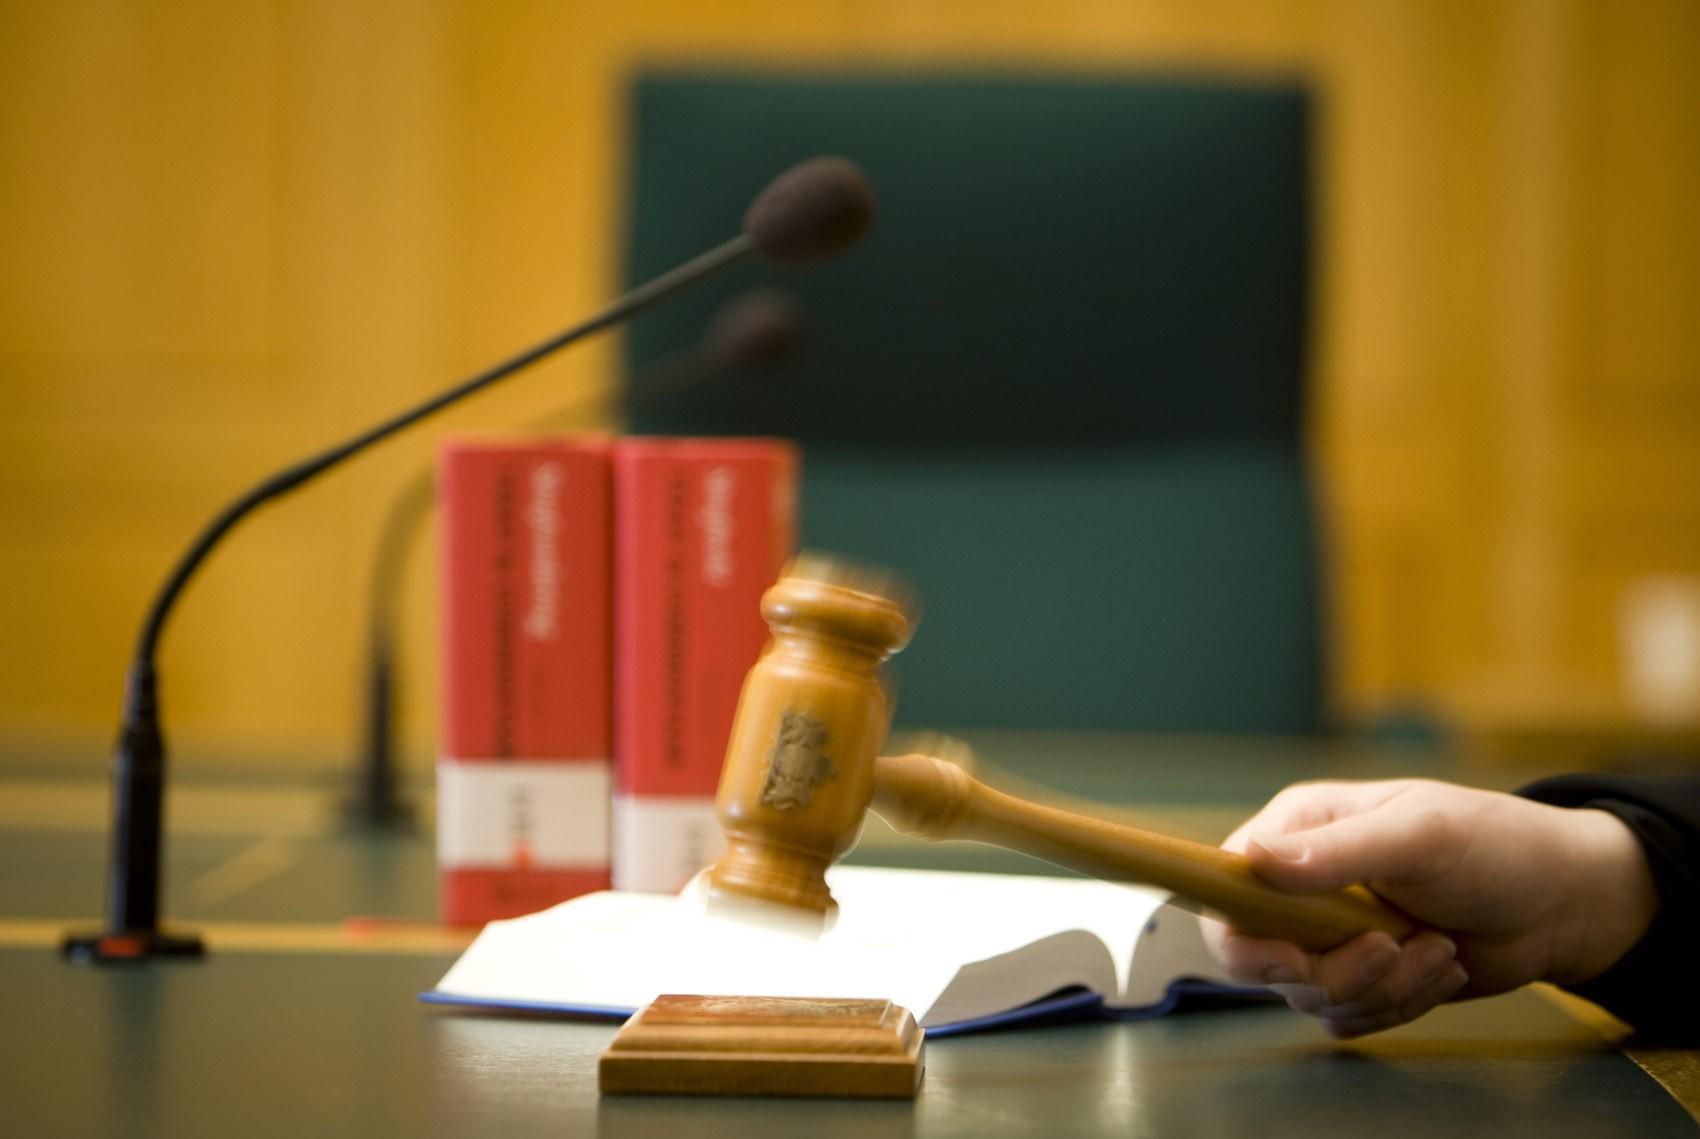 Acusados de matar jovem com chutes e pauladas são absolvidos 3 anos após o crime, em RO - Notícias - Plantão Diário